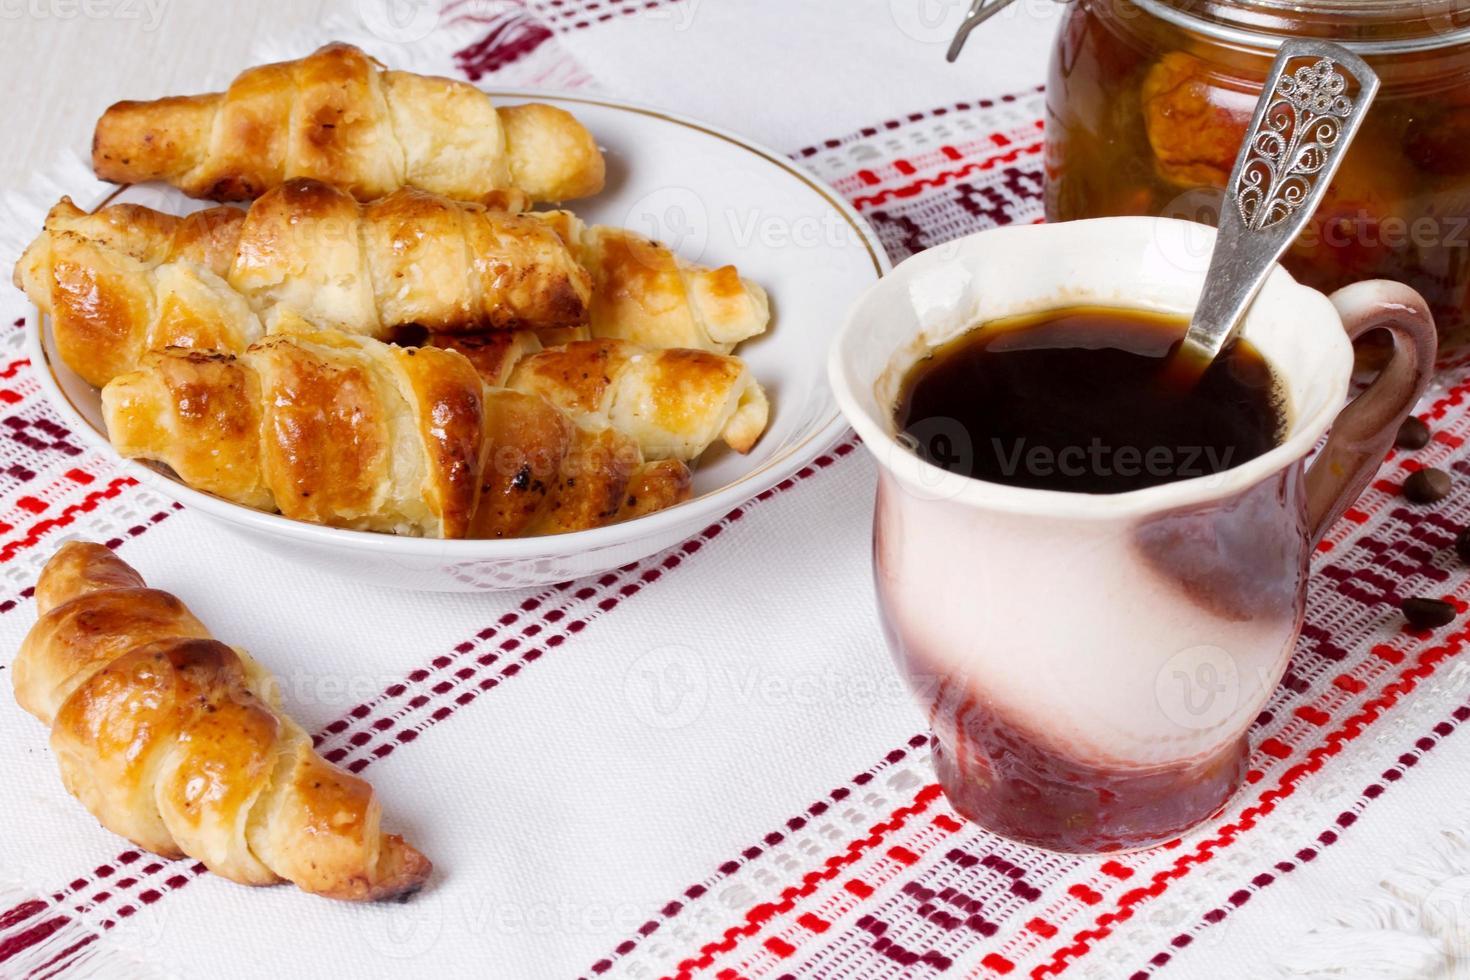 colazione francese - caffè e cornetti foto